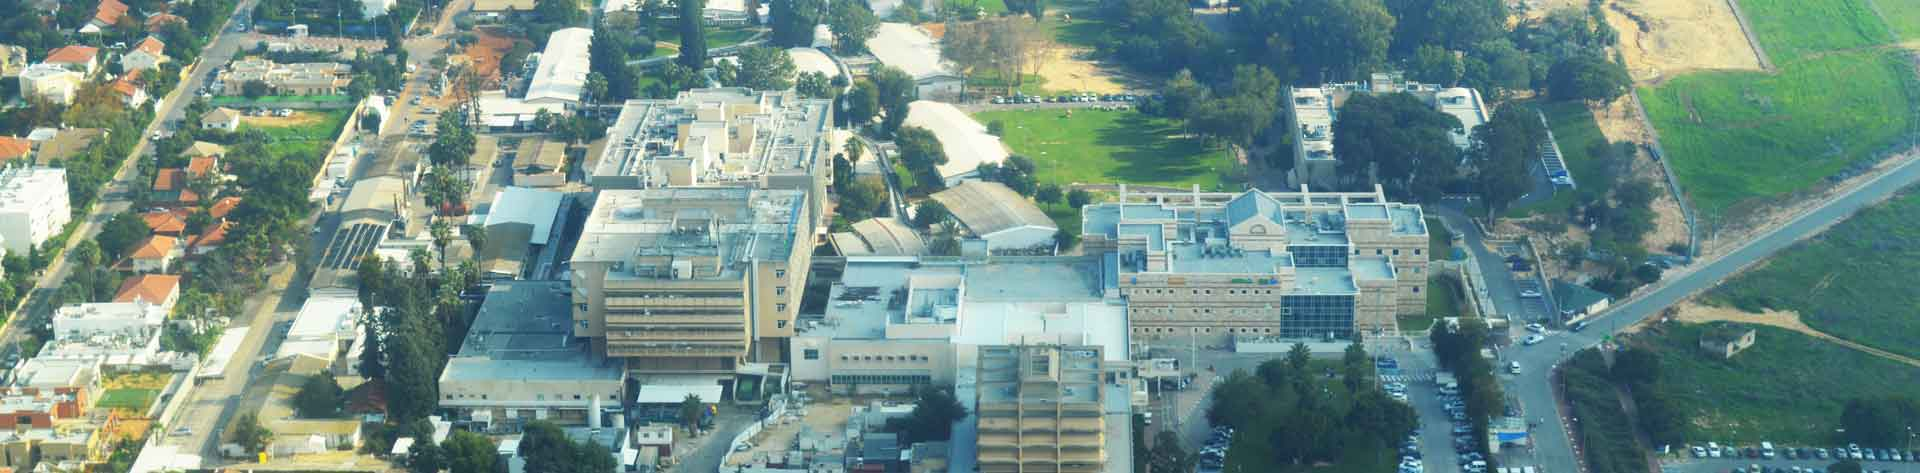 Kaplan Medical Center